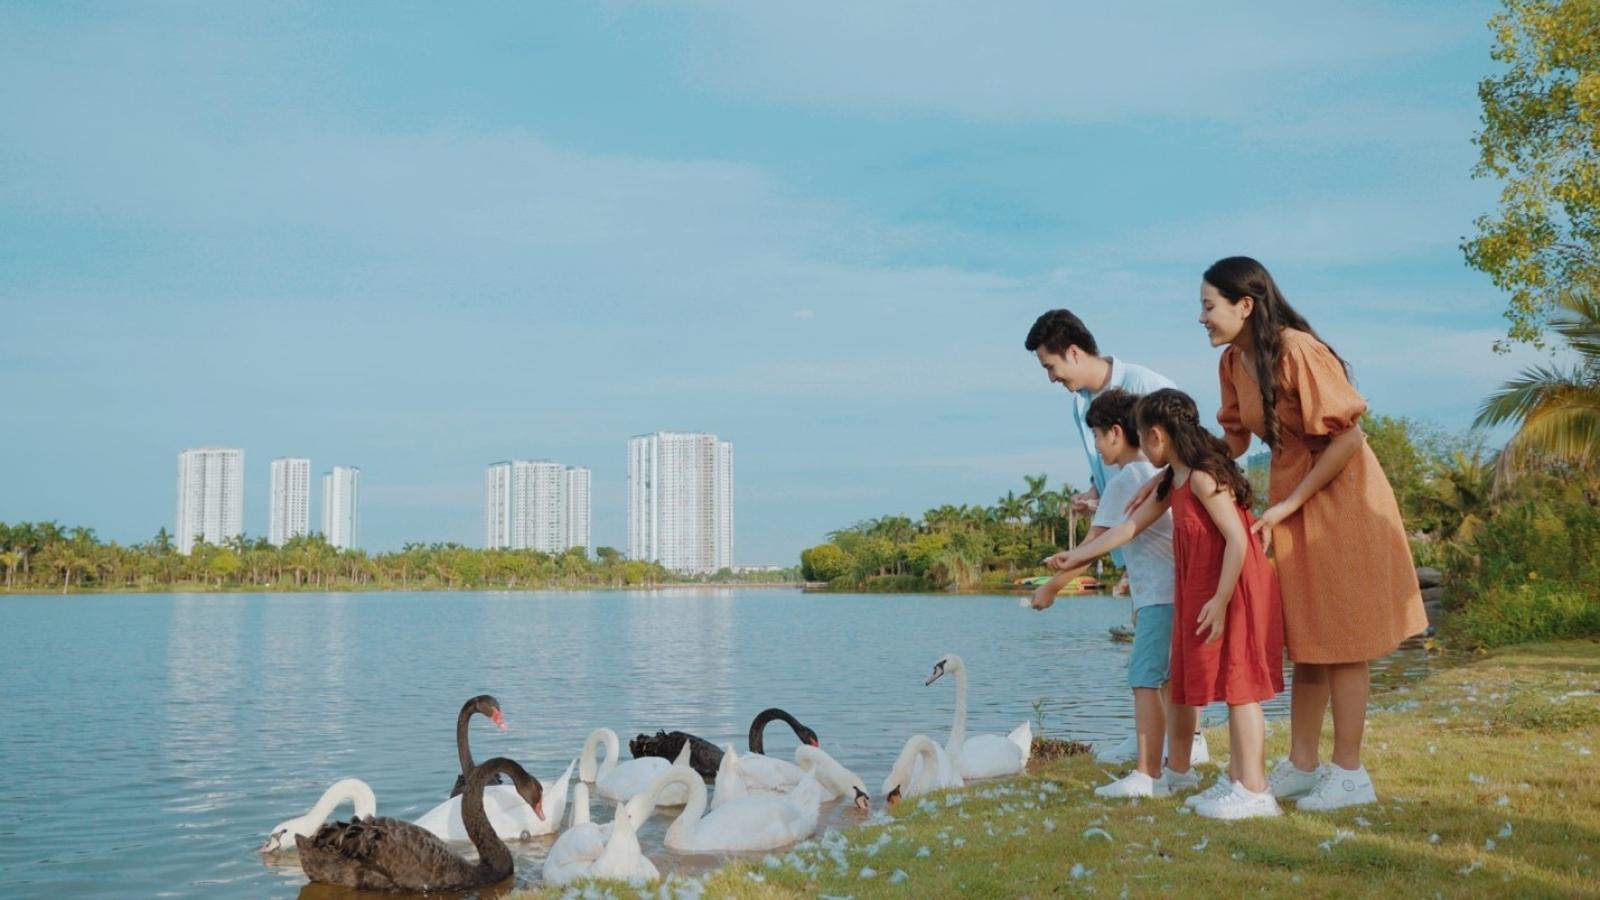 Ecopark nhận giải thưởng đại đô thị tốt nhất Việt Nam